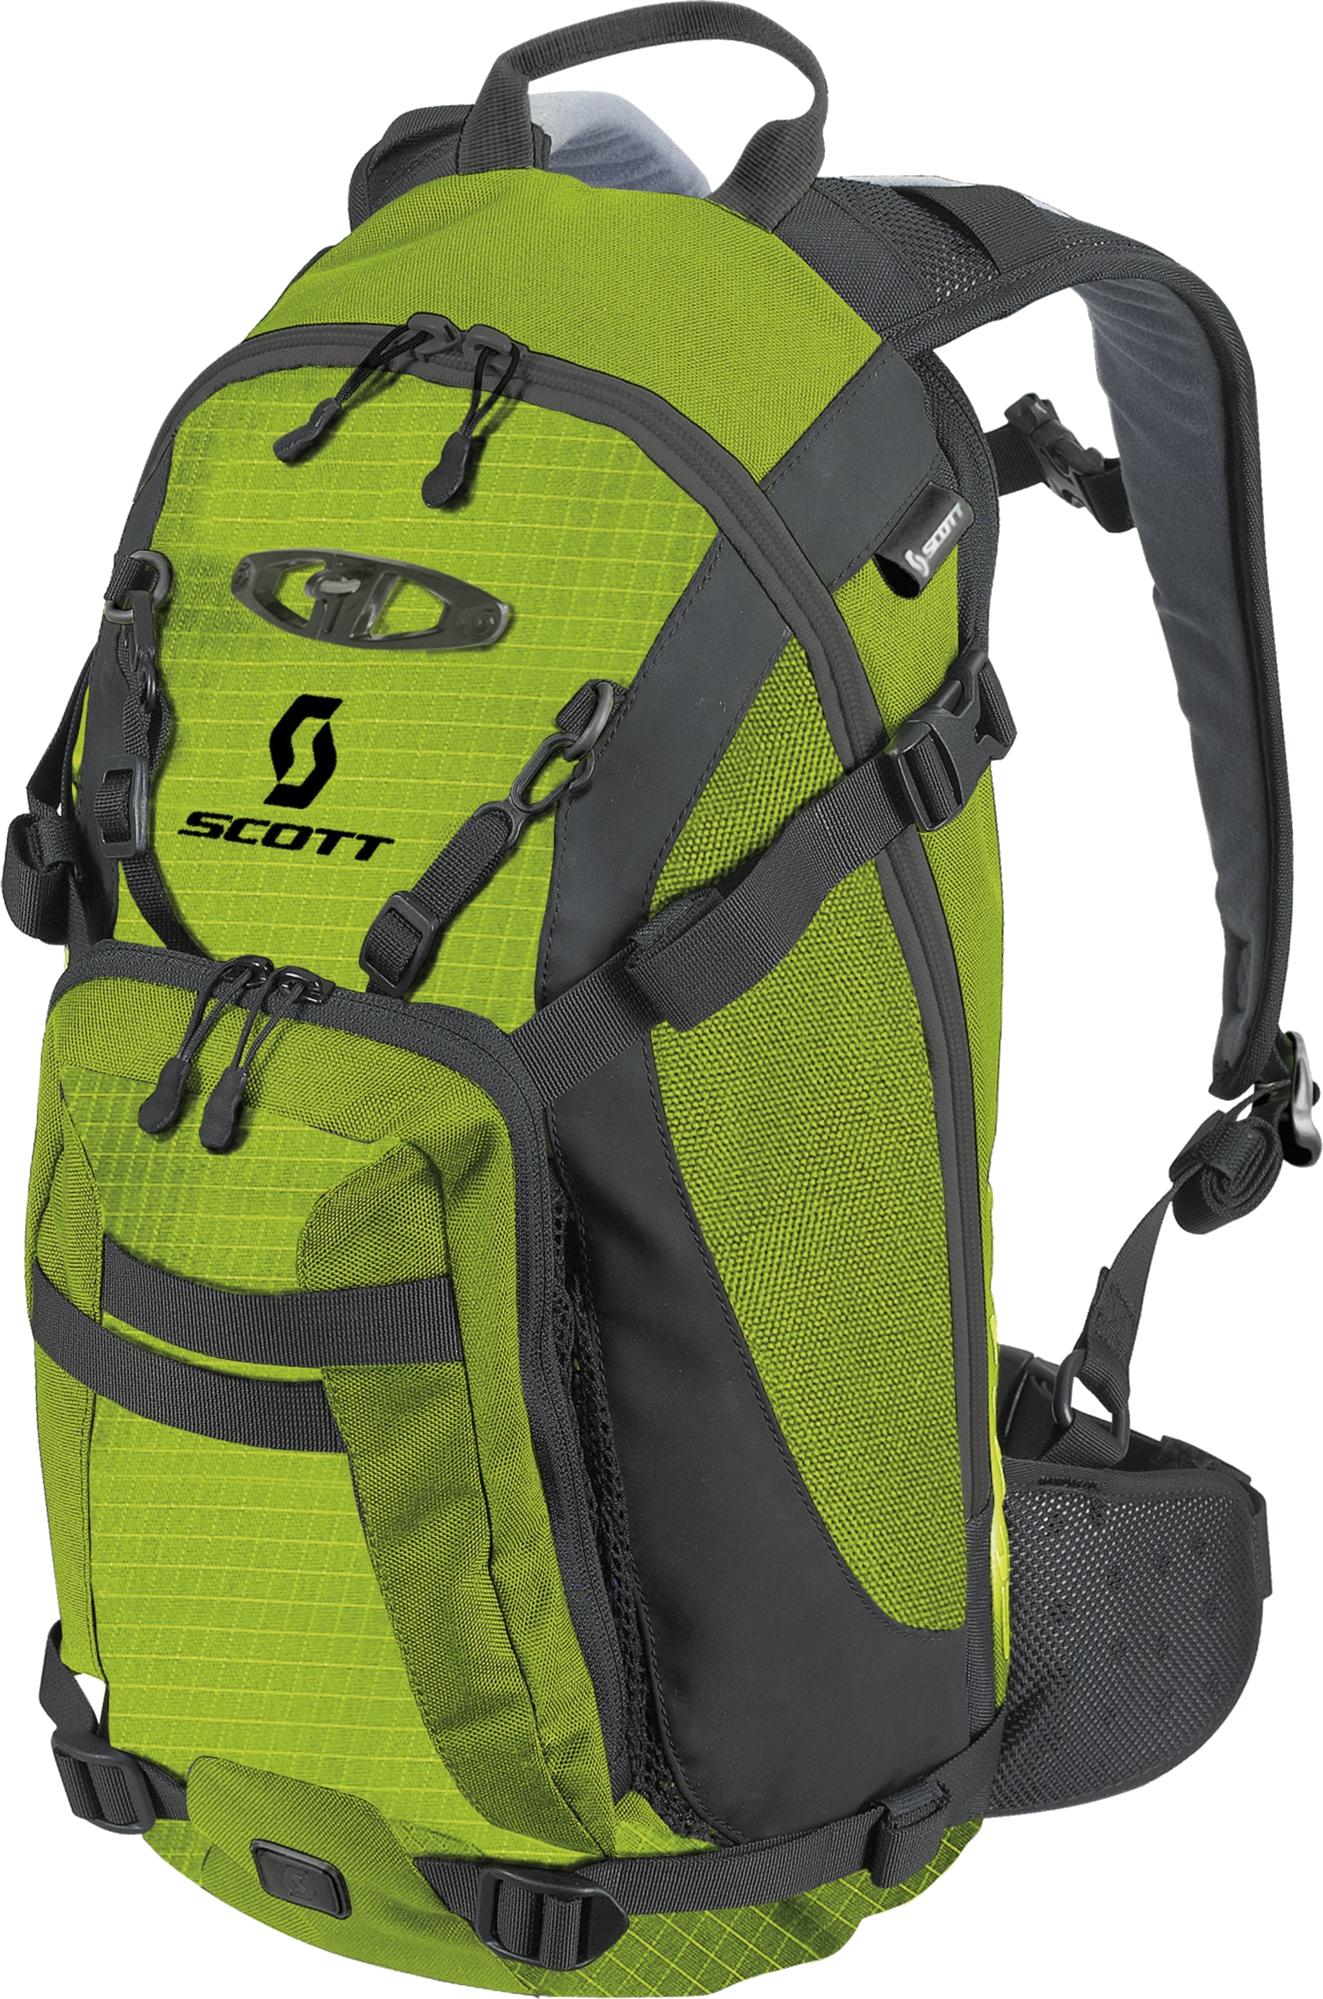 Design A Backpack Software